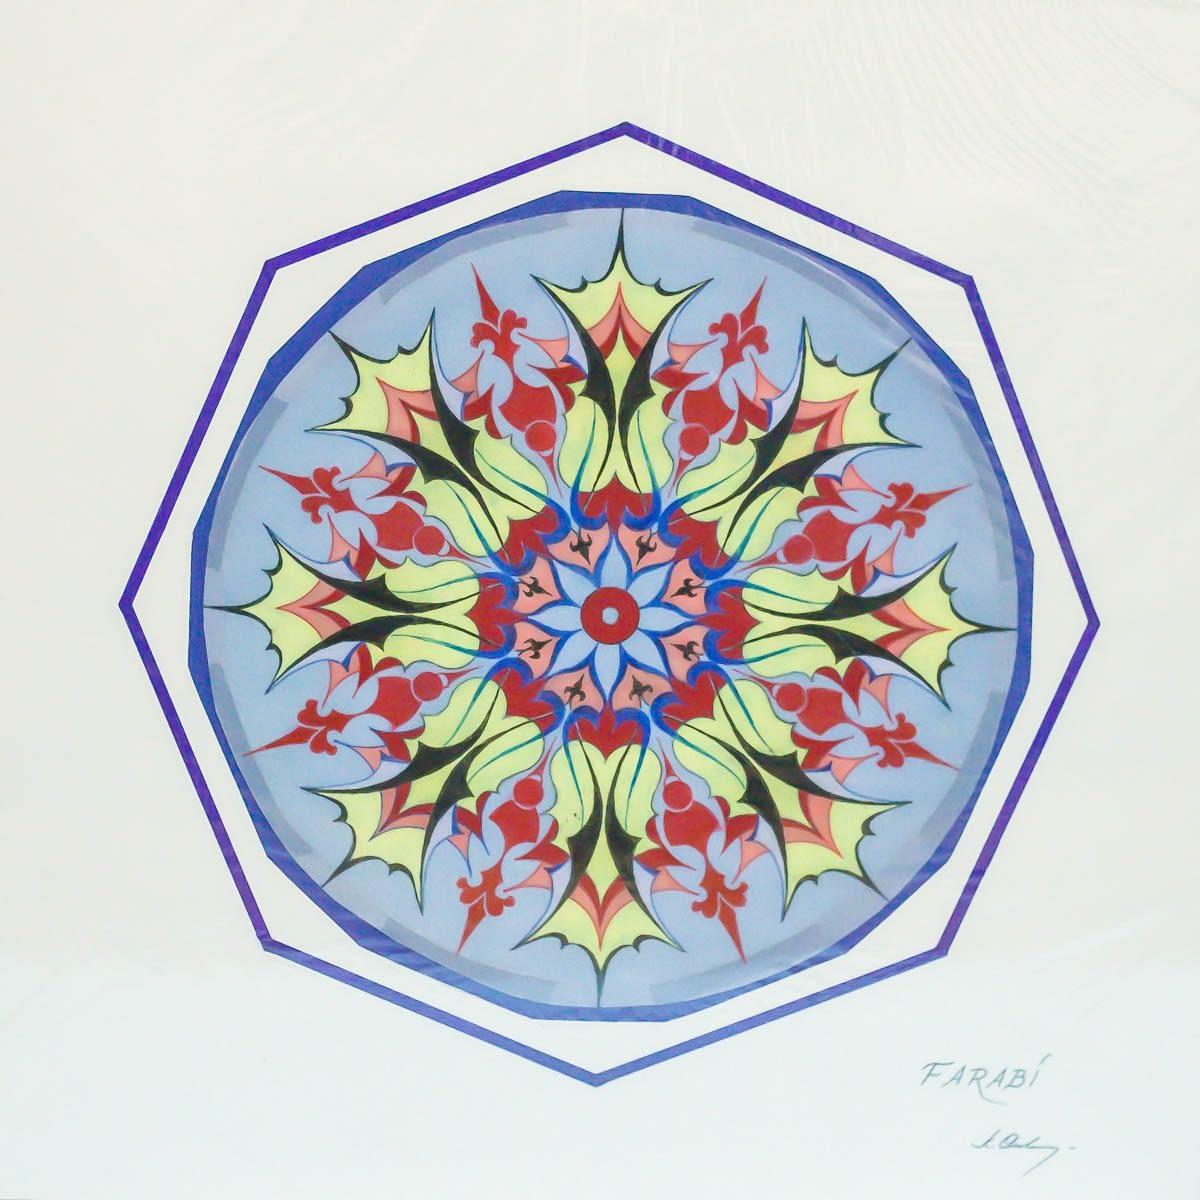 #207 Farabi